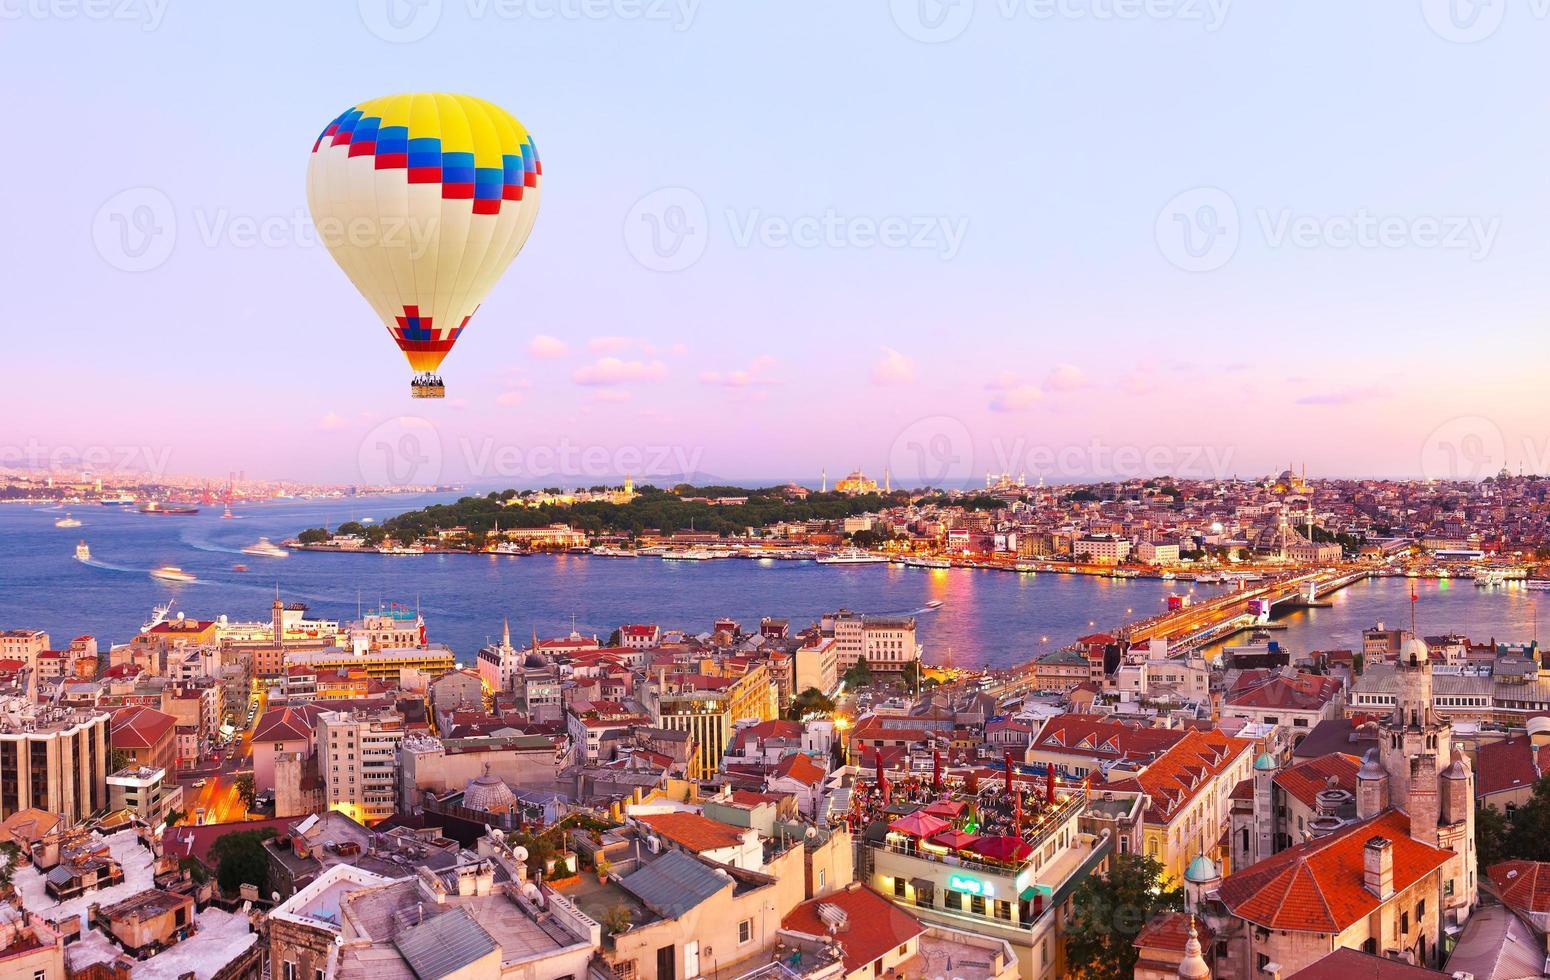 varmluftsballong över istanbul solnedgång foto